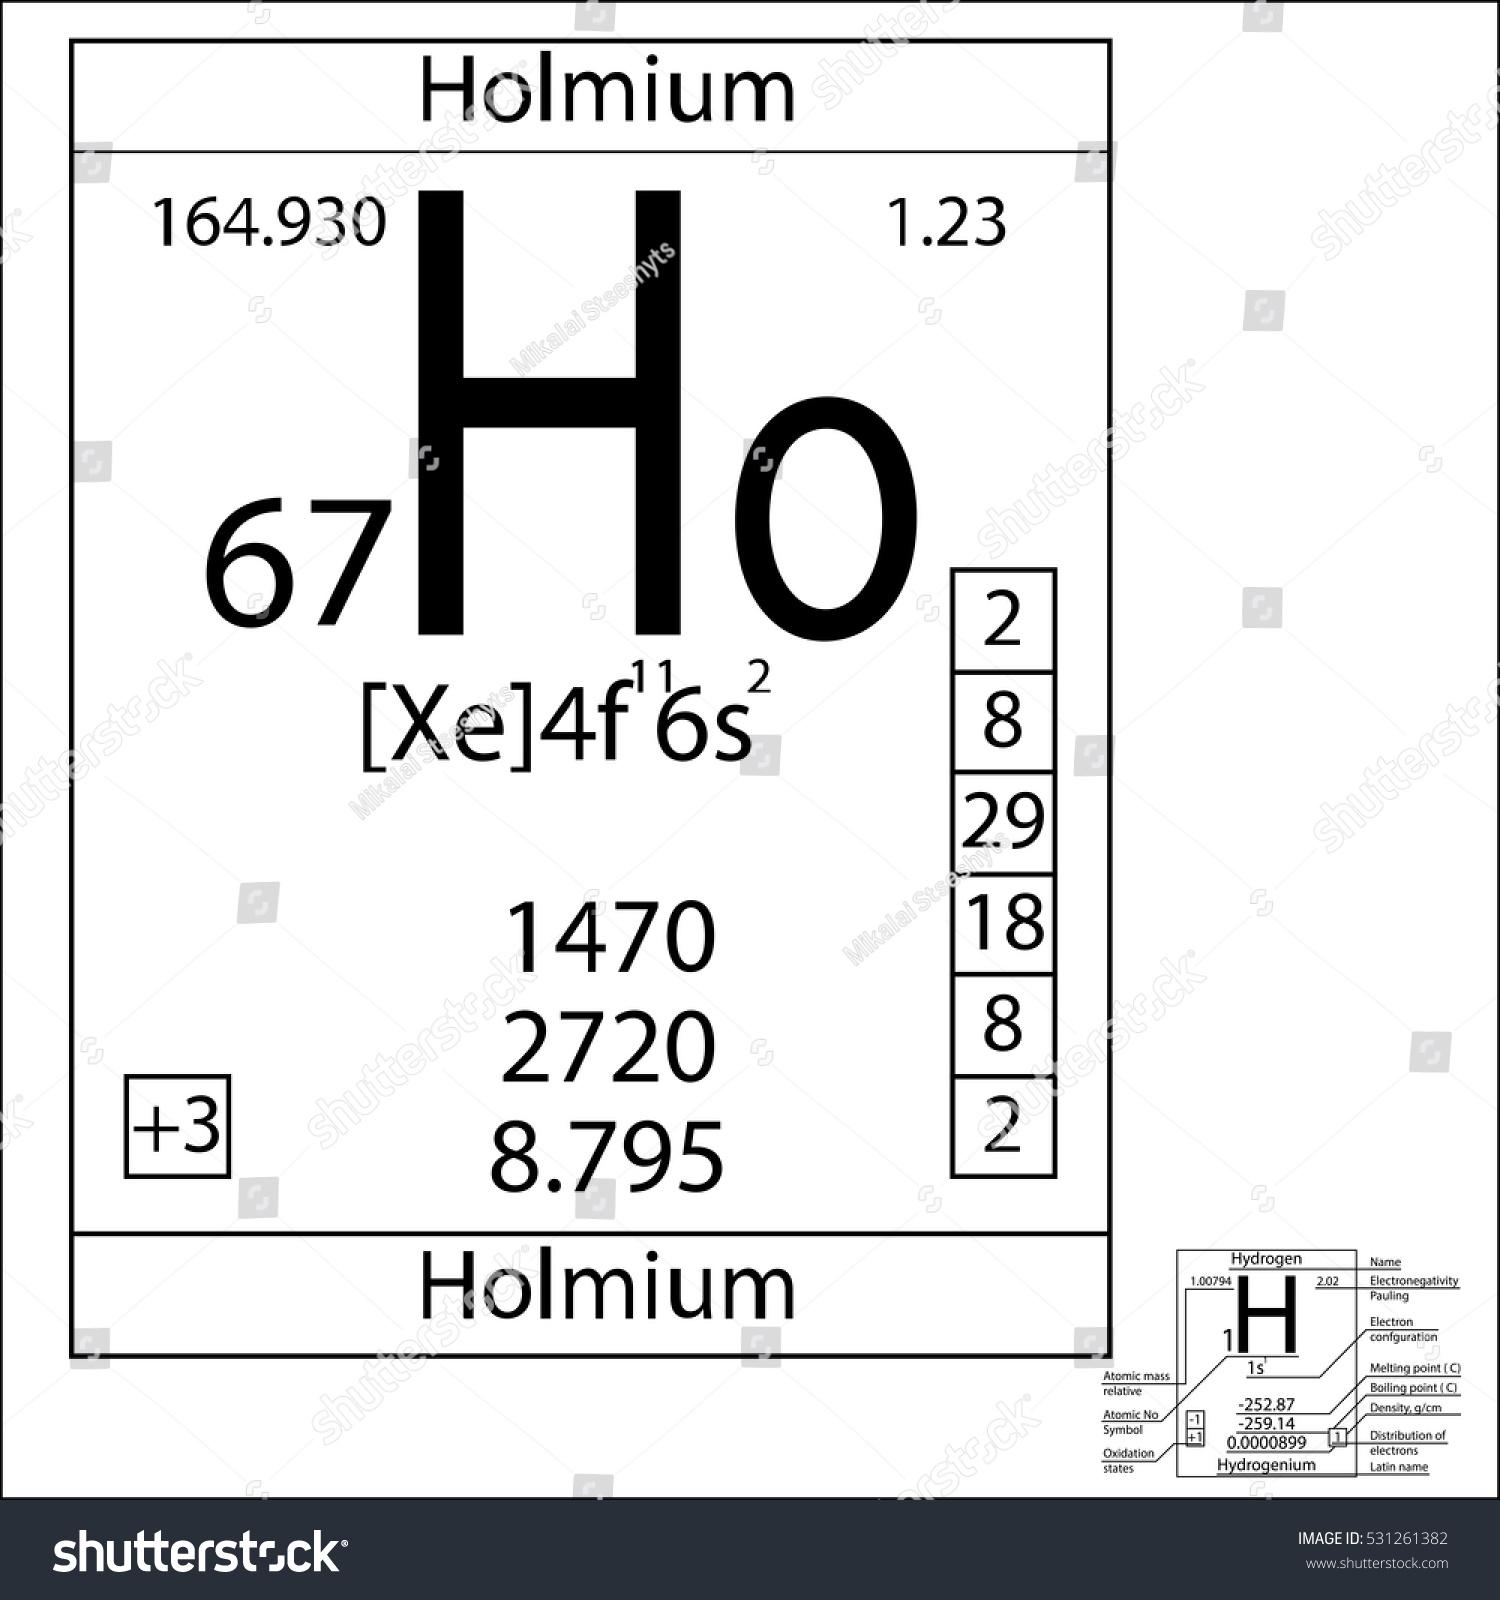 Periodic table element holmium basic properties stock photo photo the periodic table element holmium with the basic properties urtaz Choice Image